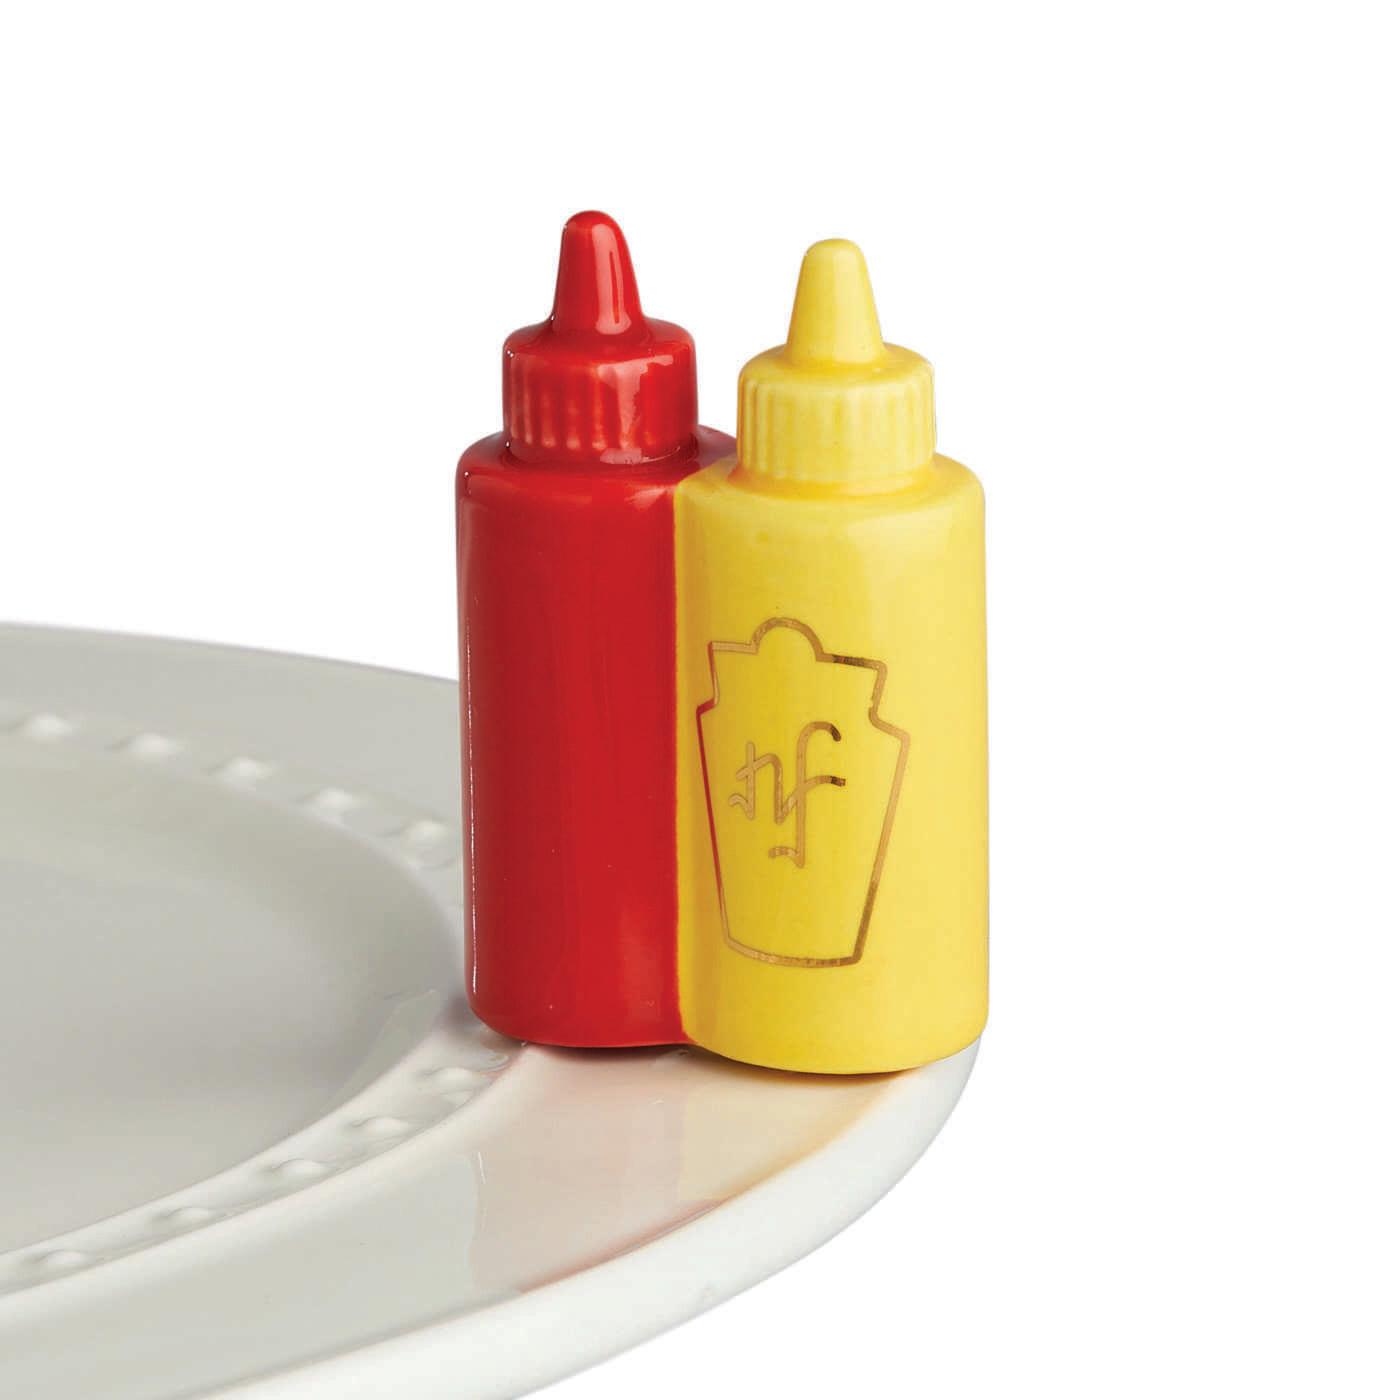 Mini's - Ketchup/Mustard